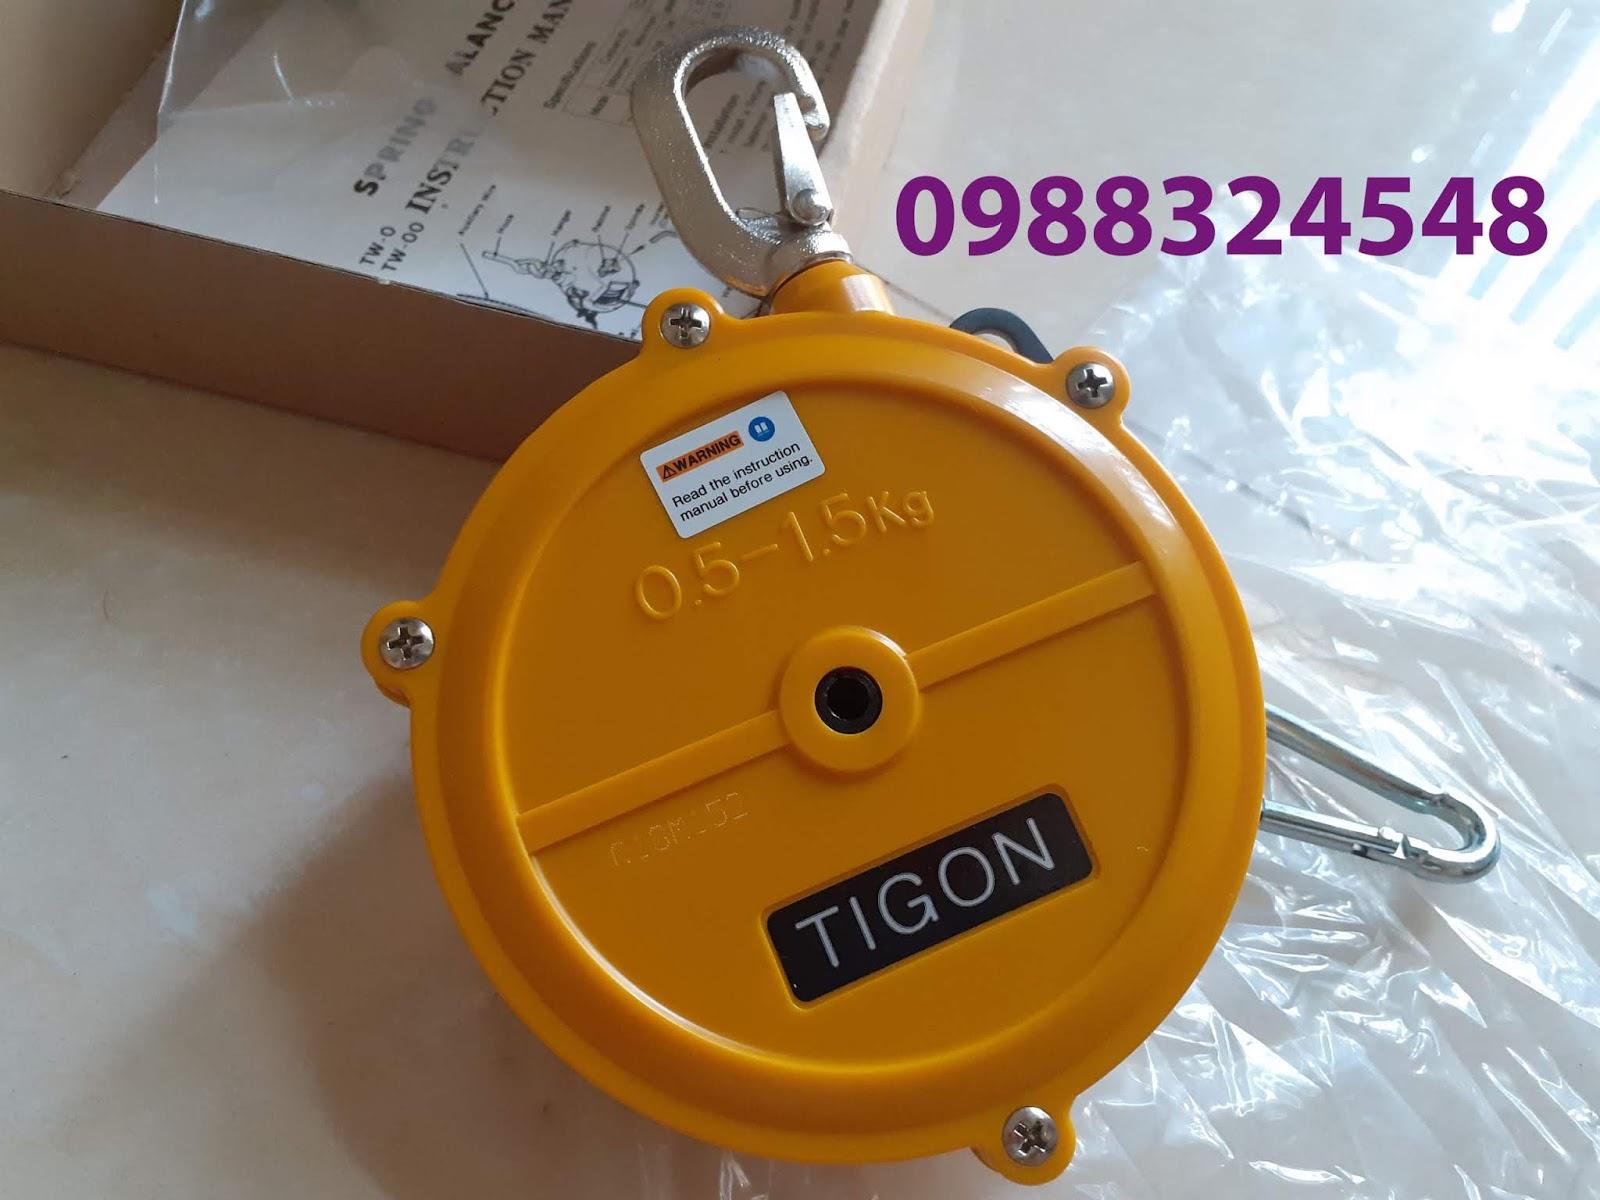 Pa lăng cân bằng Tigon TW-0, tải trọng: 0.5-1.5kg